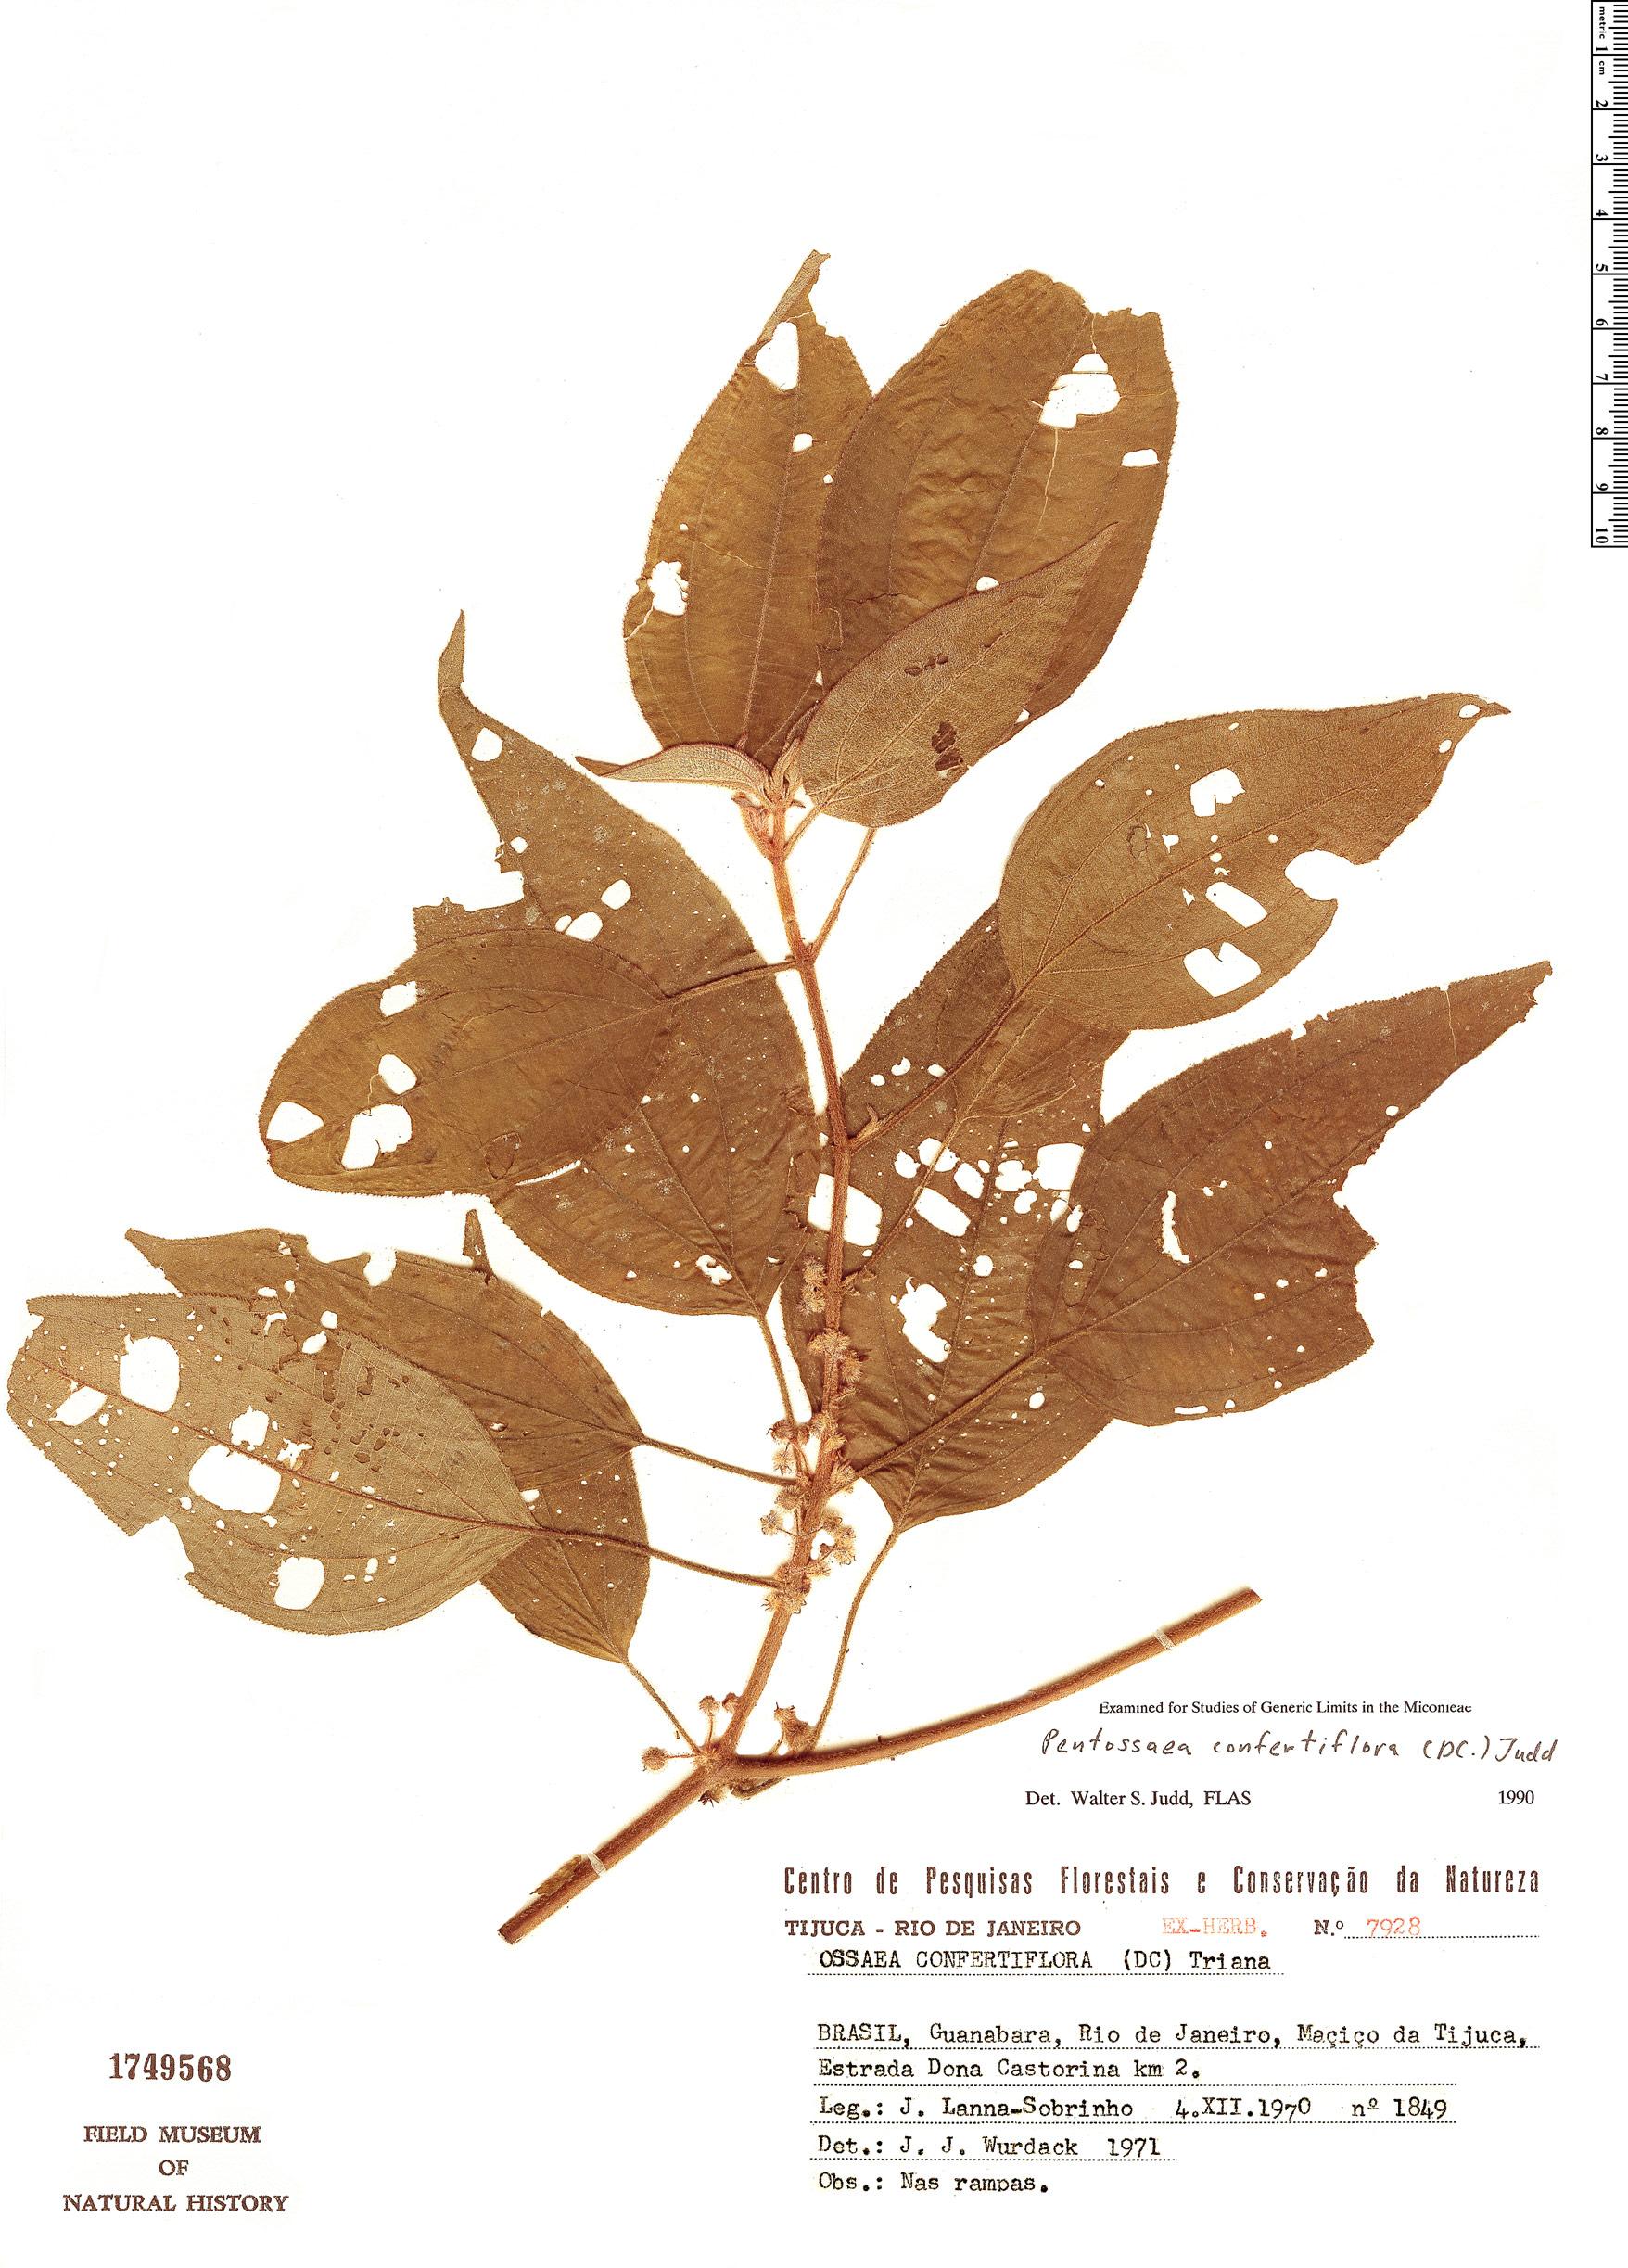 Specimen: Pentossaea confertiflora